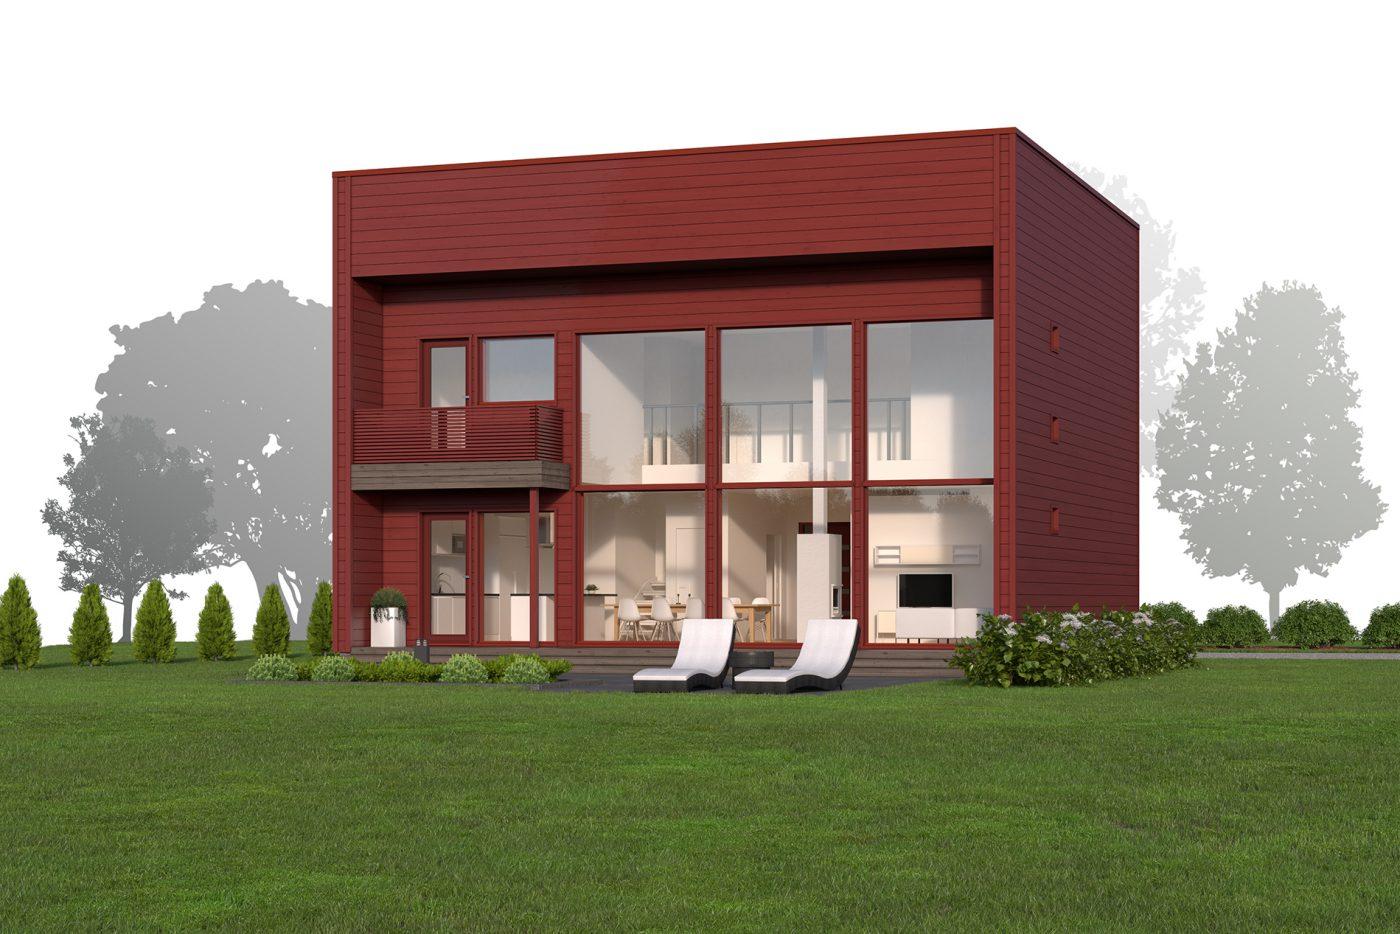 maison sips cubique 150 m² 01